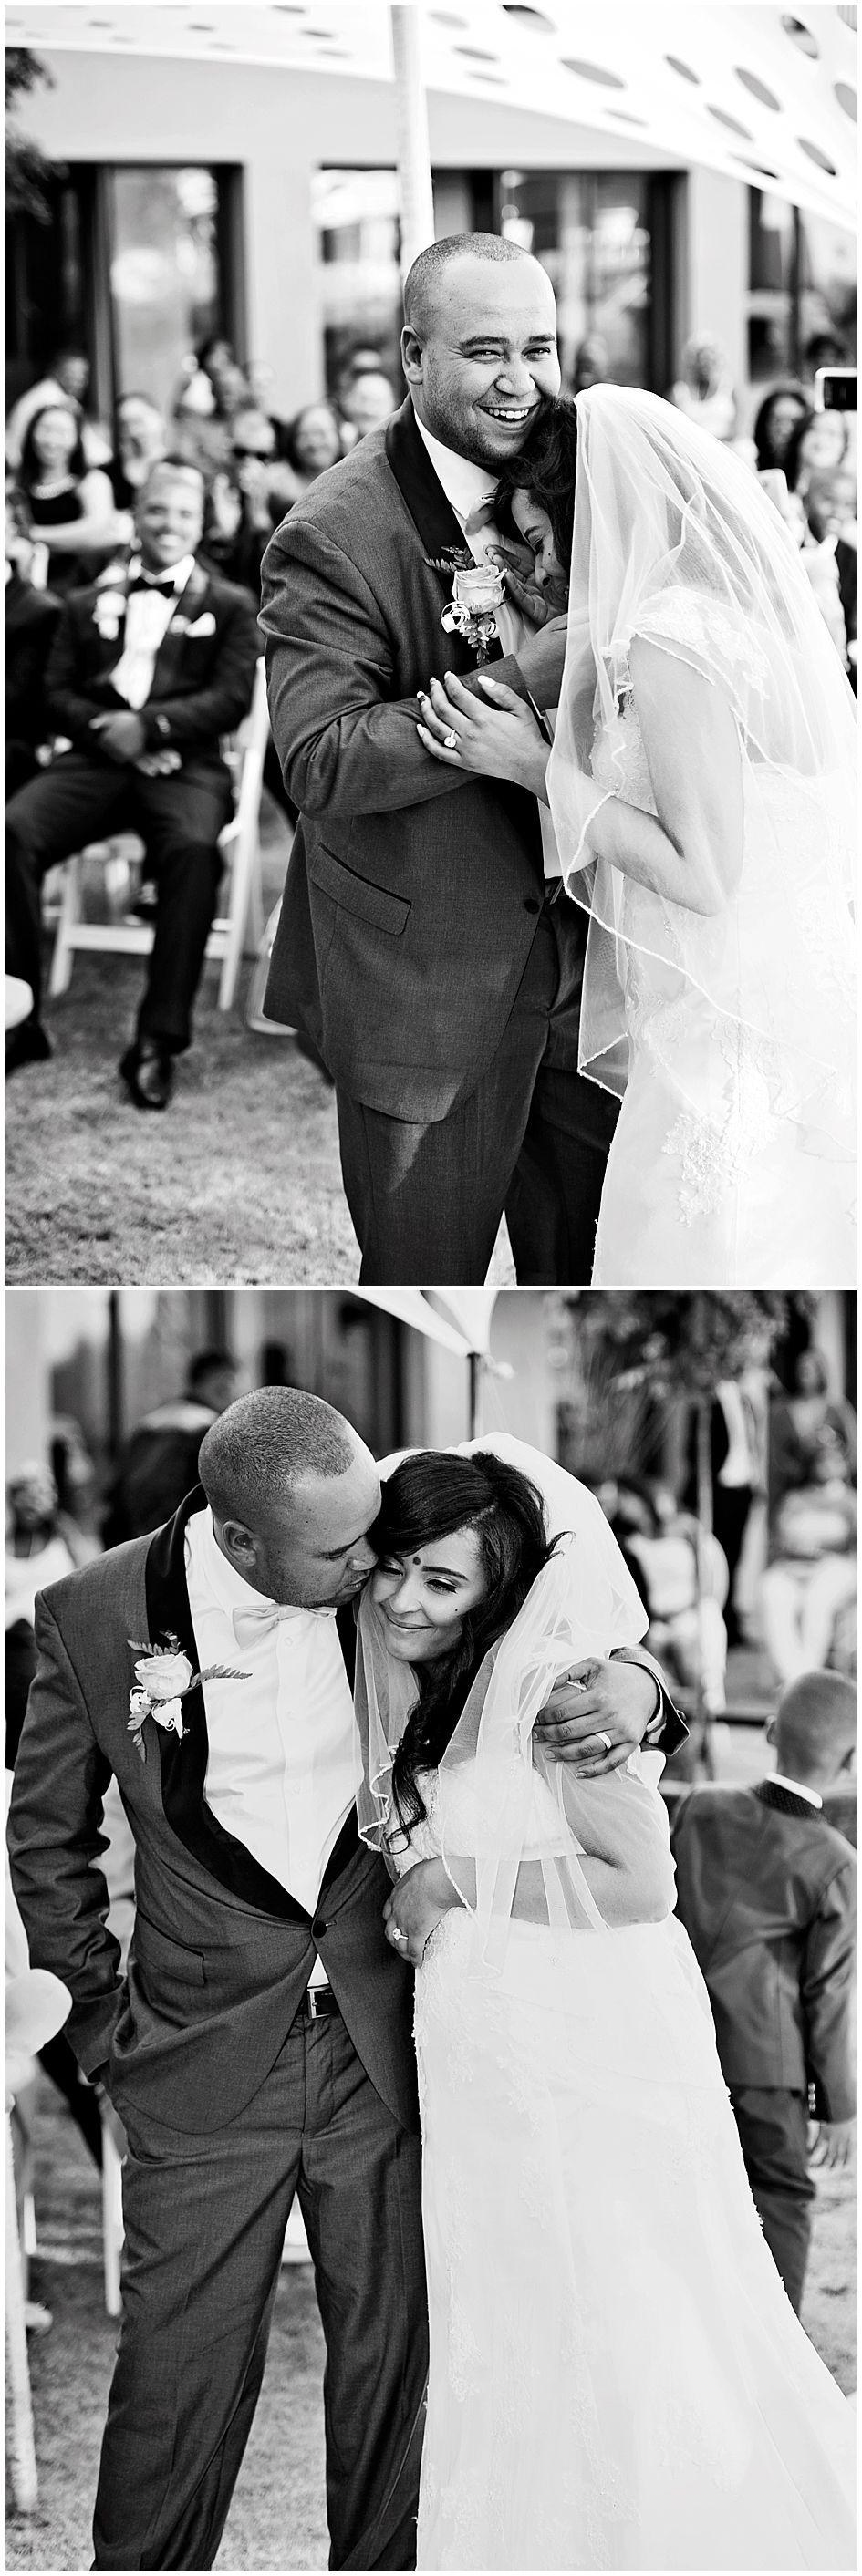 black-white-wedding-ceremony-shoot.jpg